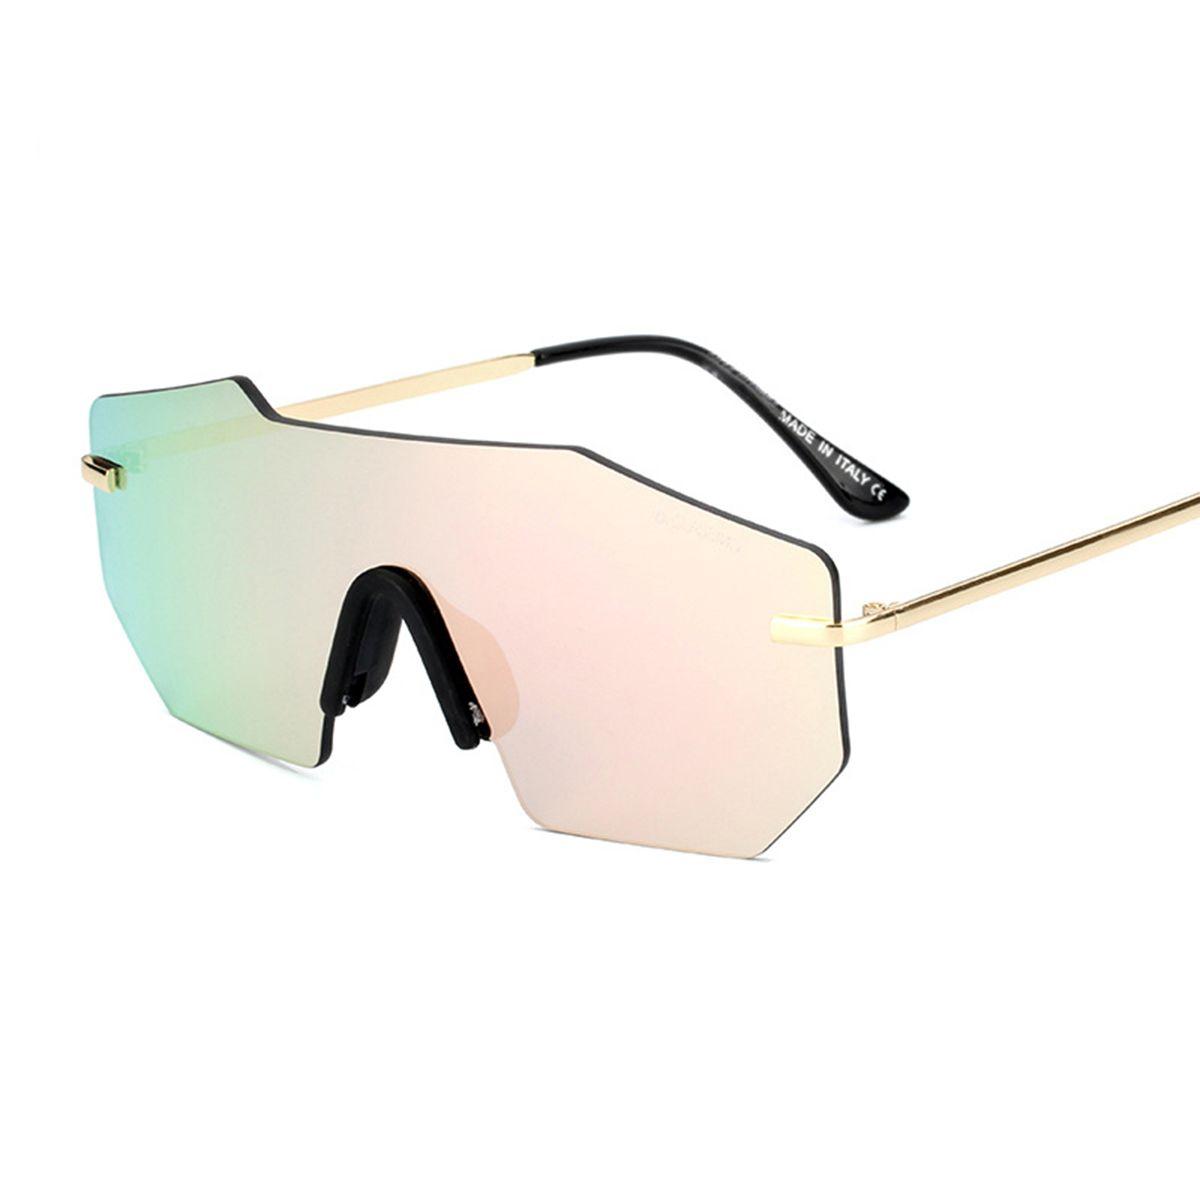 Elegant Men Women Summer Eyewear Reflective Lens Sports Sunglasses G5 Sonnenbrillen & -zubehör Kleidung & Accessoires